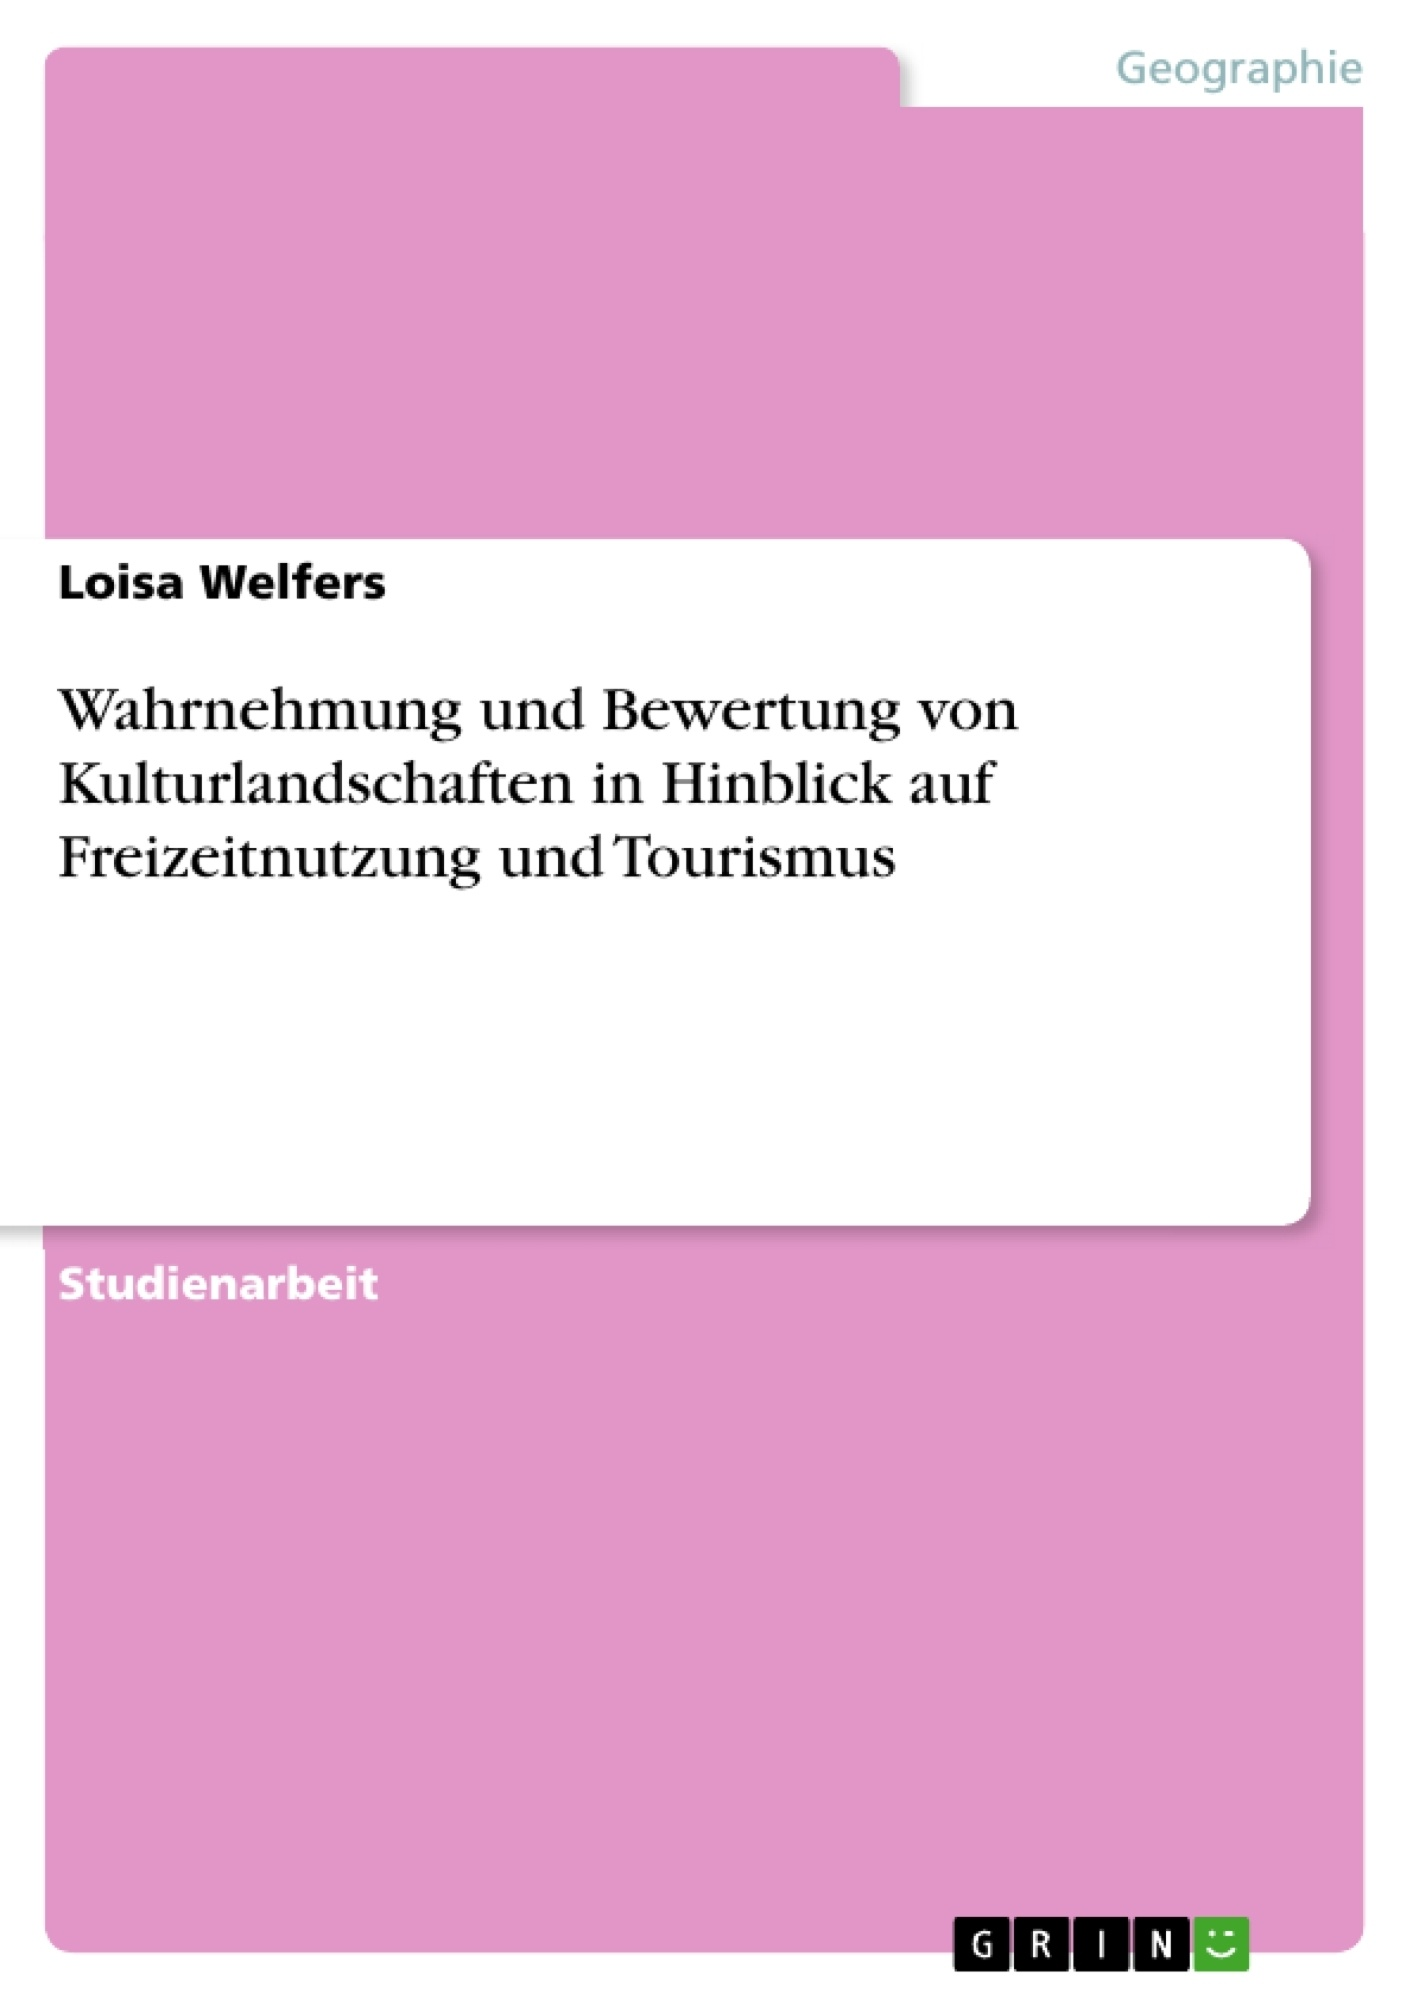 Titel: Wahrnehmung und Bewertung von Kulturlandschaften in Hinblick auf Freizeitnutzung und Tourismus